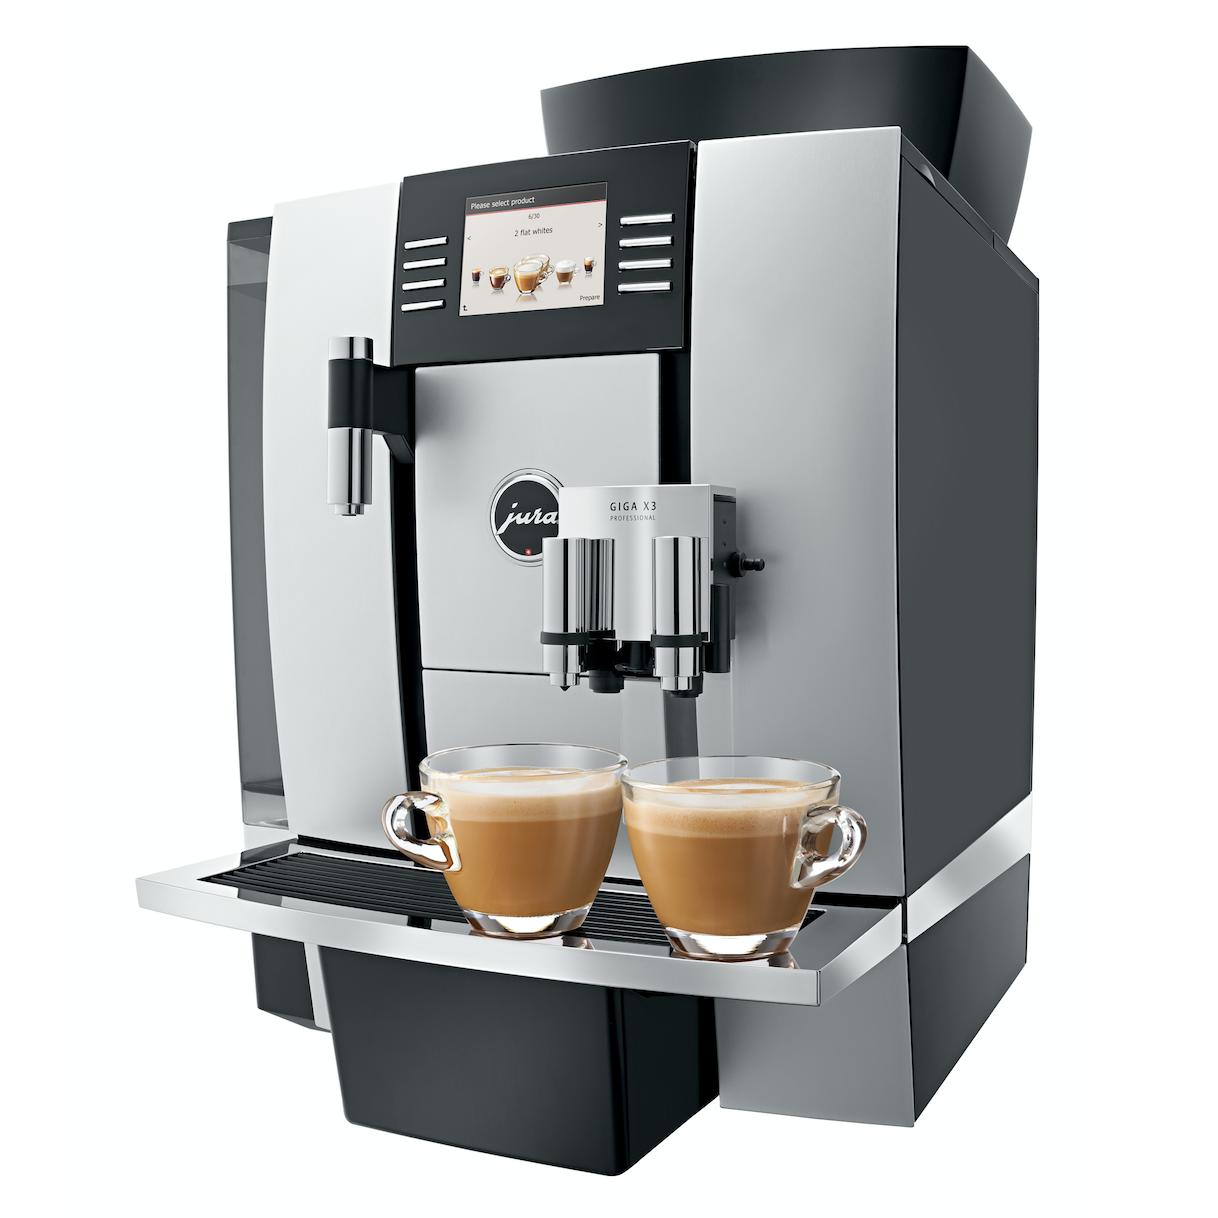 180 koppen koffie per dag met de Jura X3.